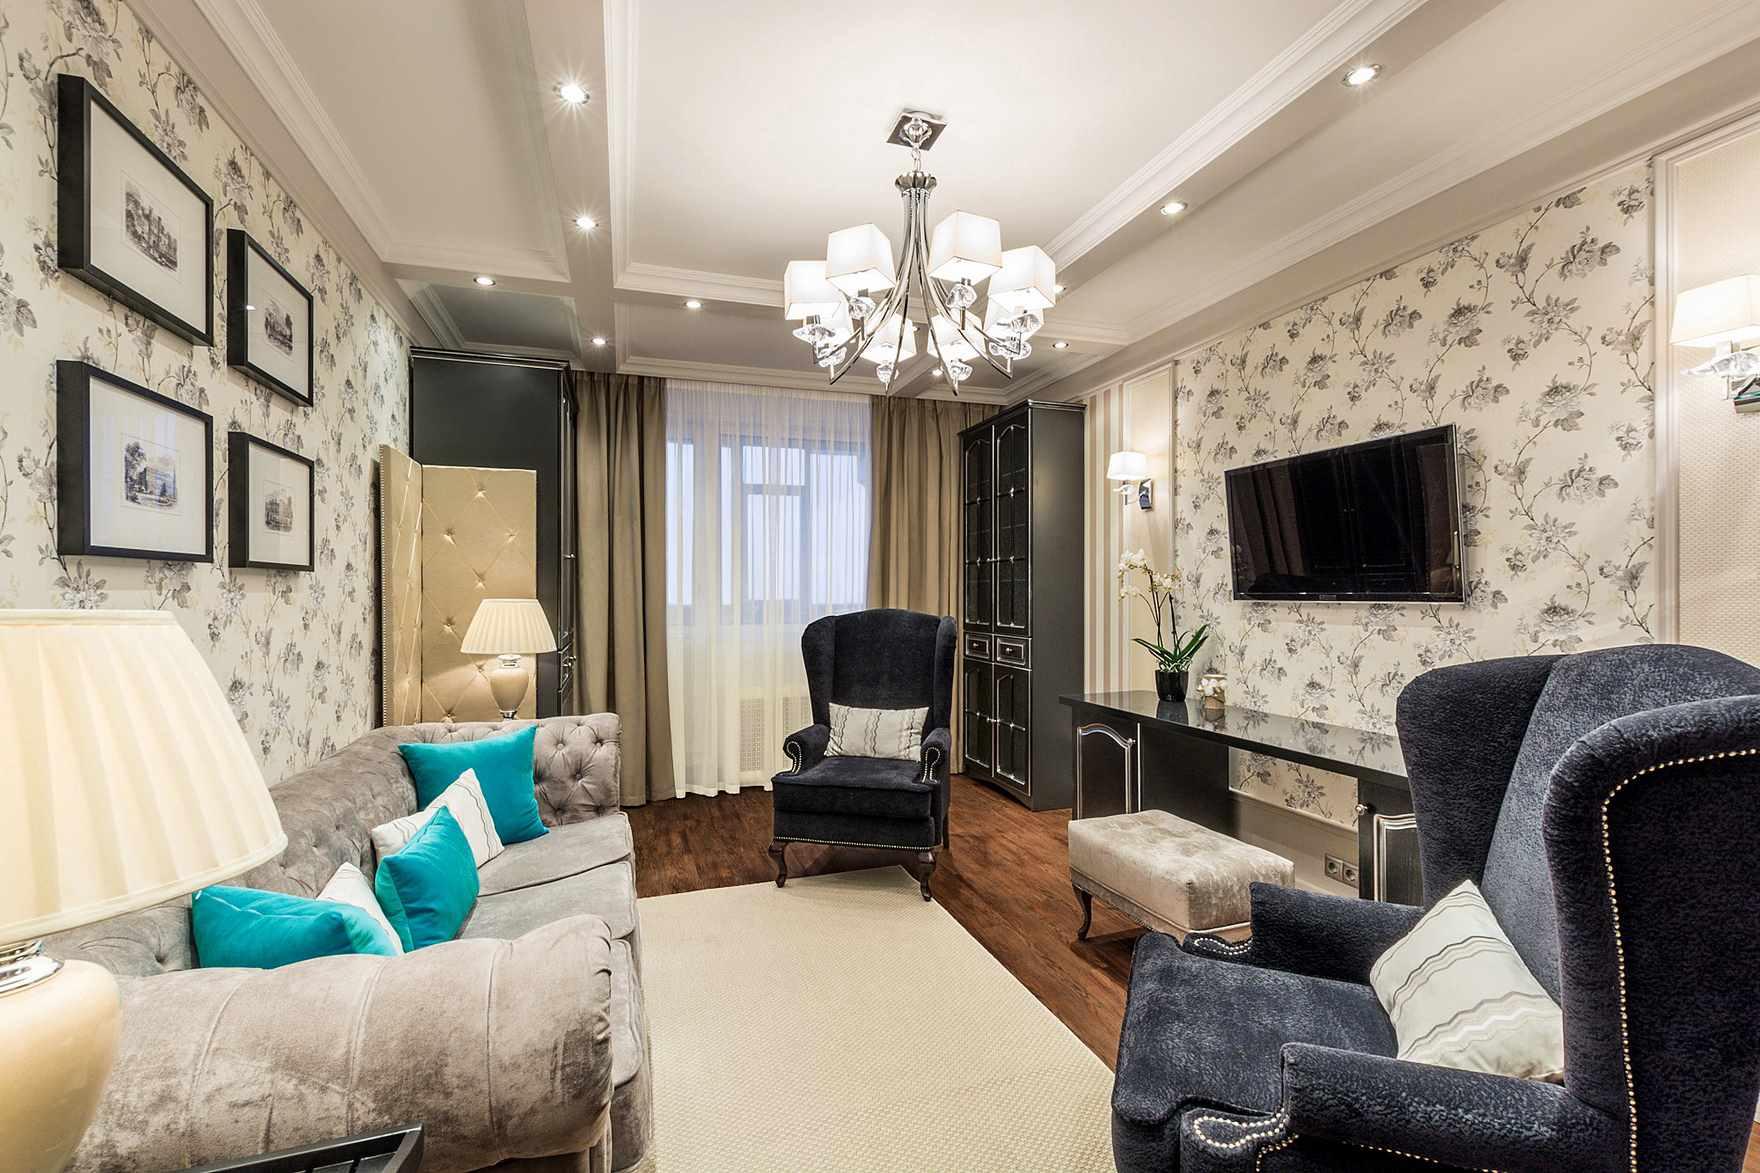 вариант красивого интерьера гостиной комнаты 16 кв.м